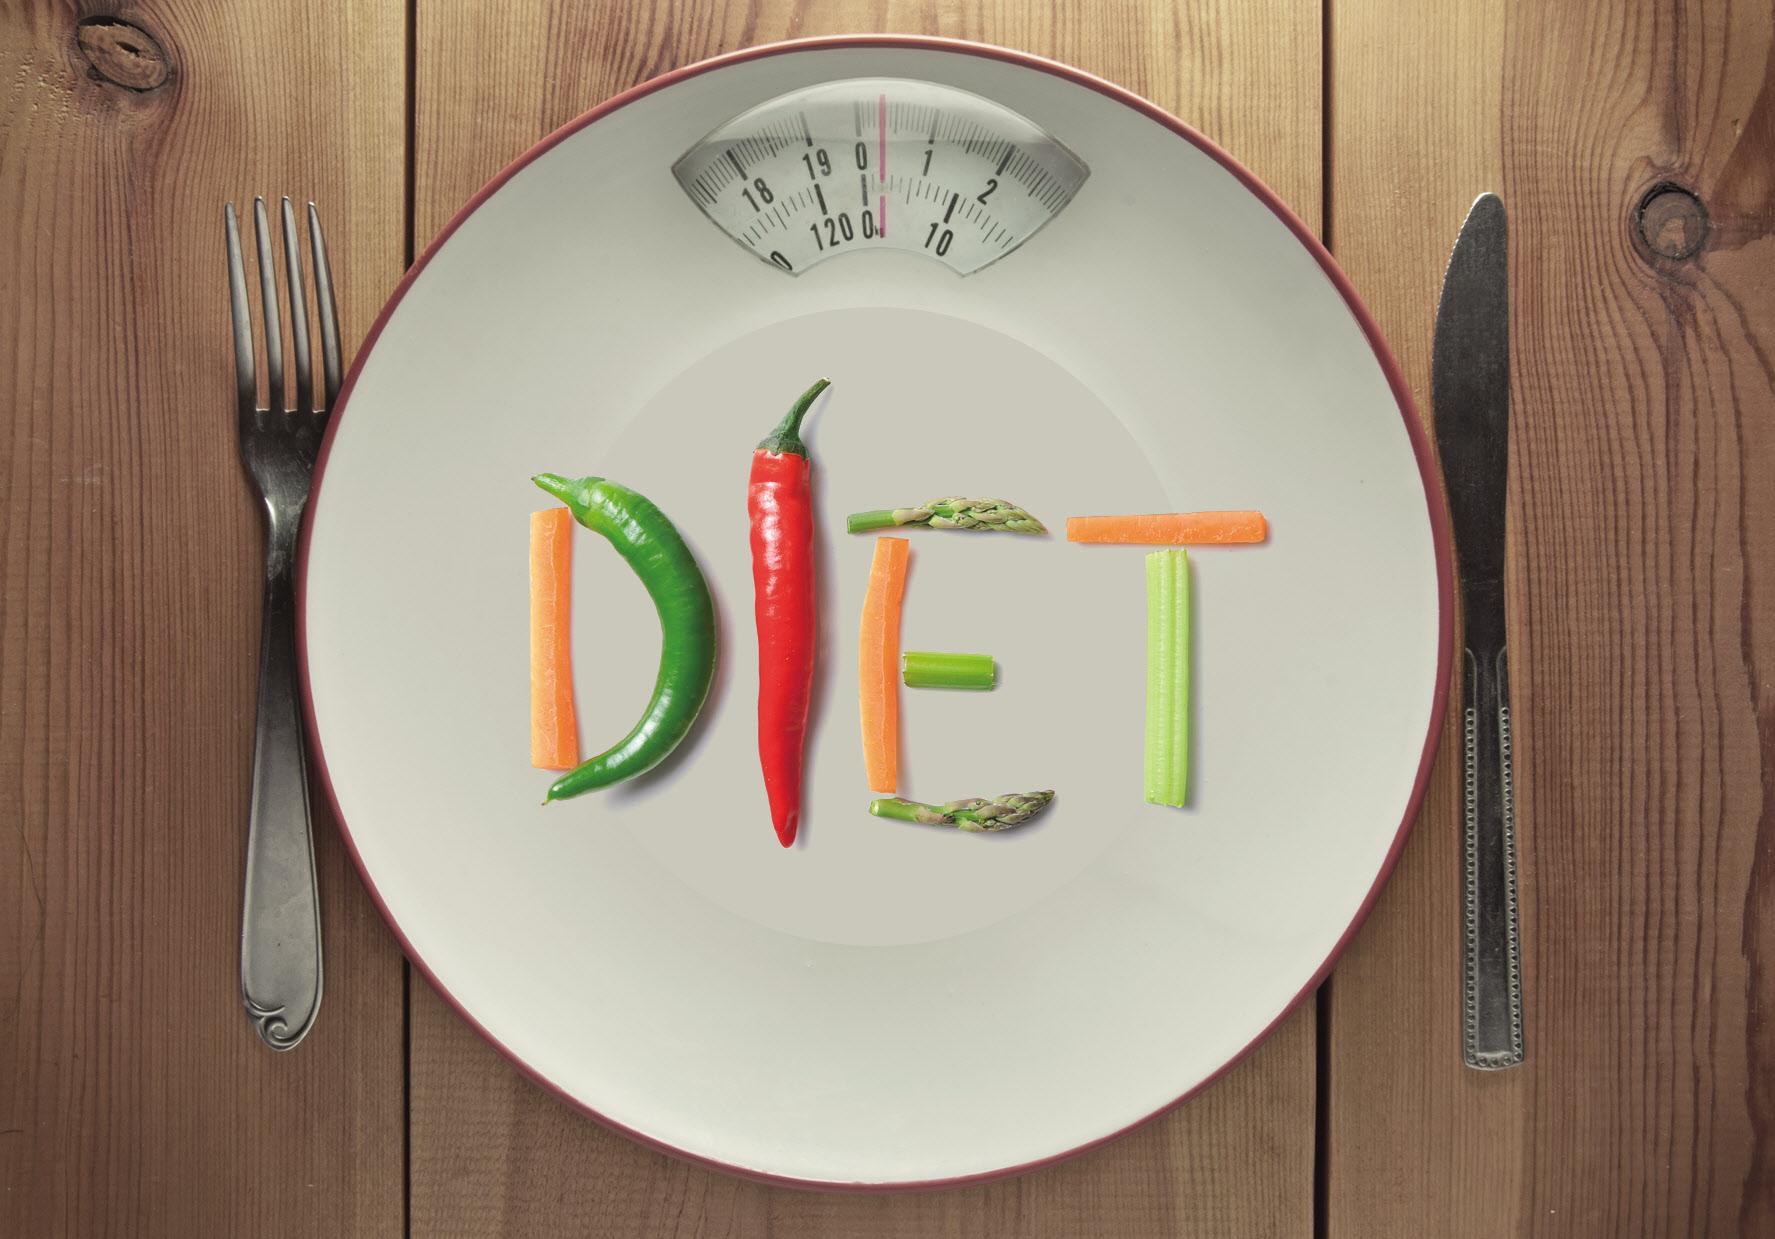 밥과 고기 피했는데 늘 다이어트 실패하는 이유